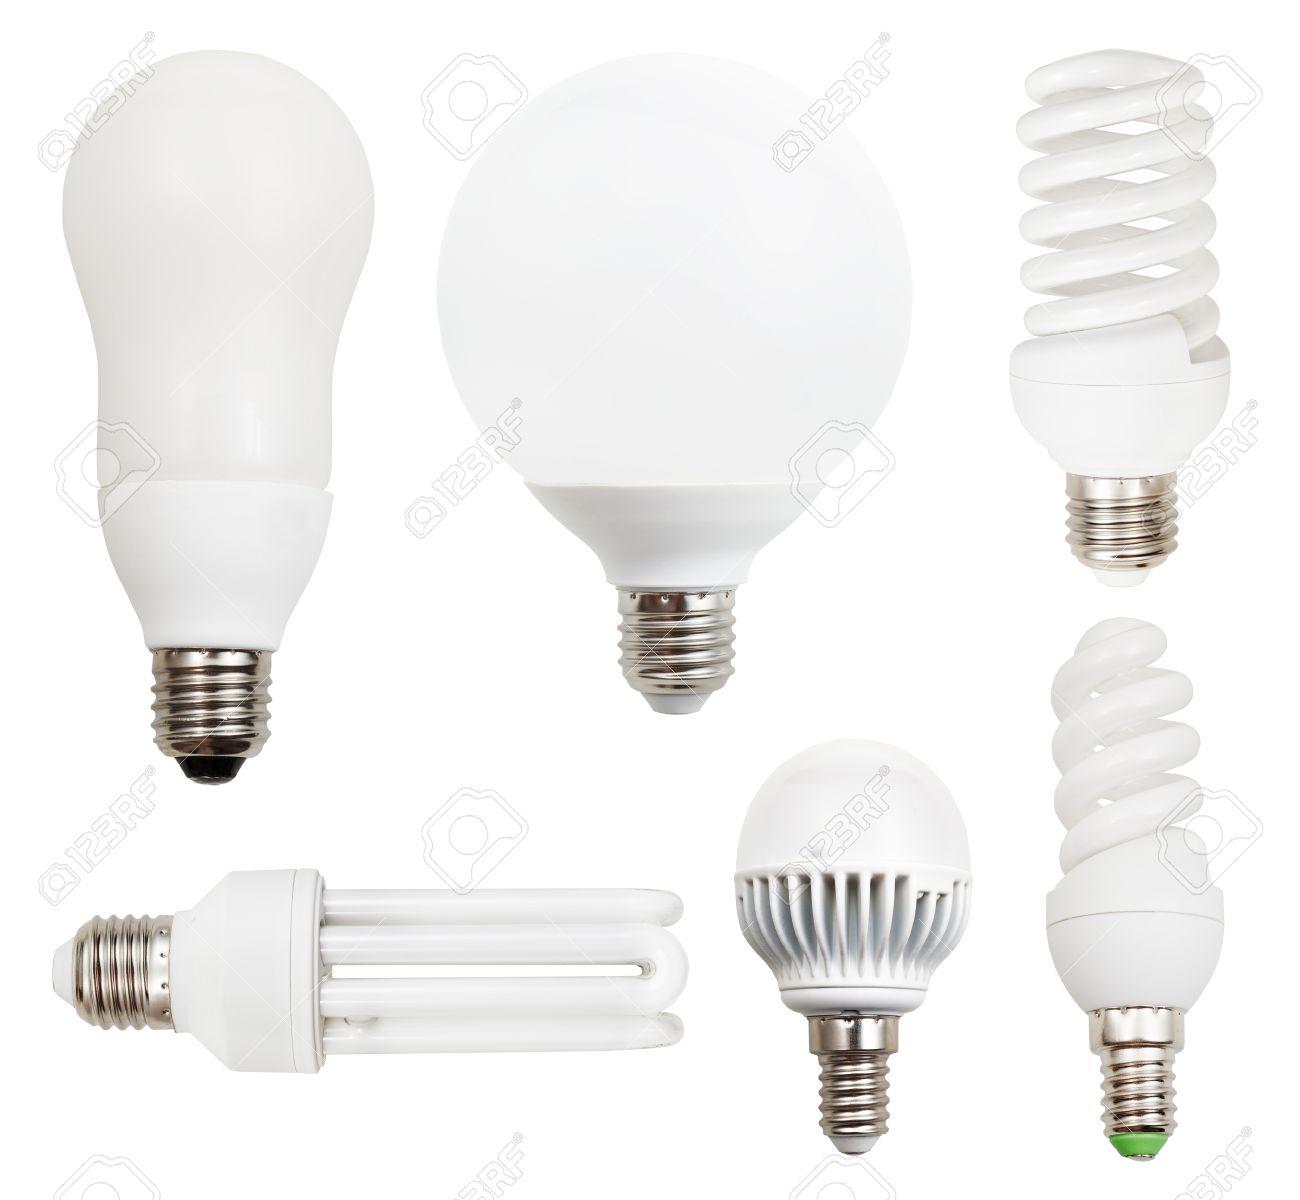 Sur Fond Fluorescentes Lampes Isolé À Led Blanc Compactes Économie Ensemble De D'énergieAmpoules 76ybYfg